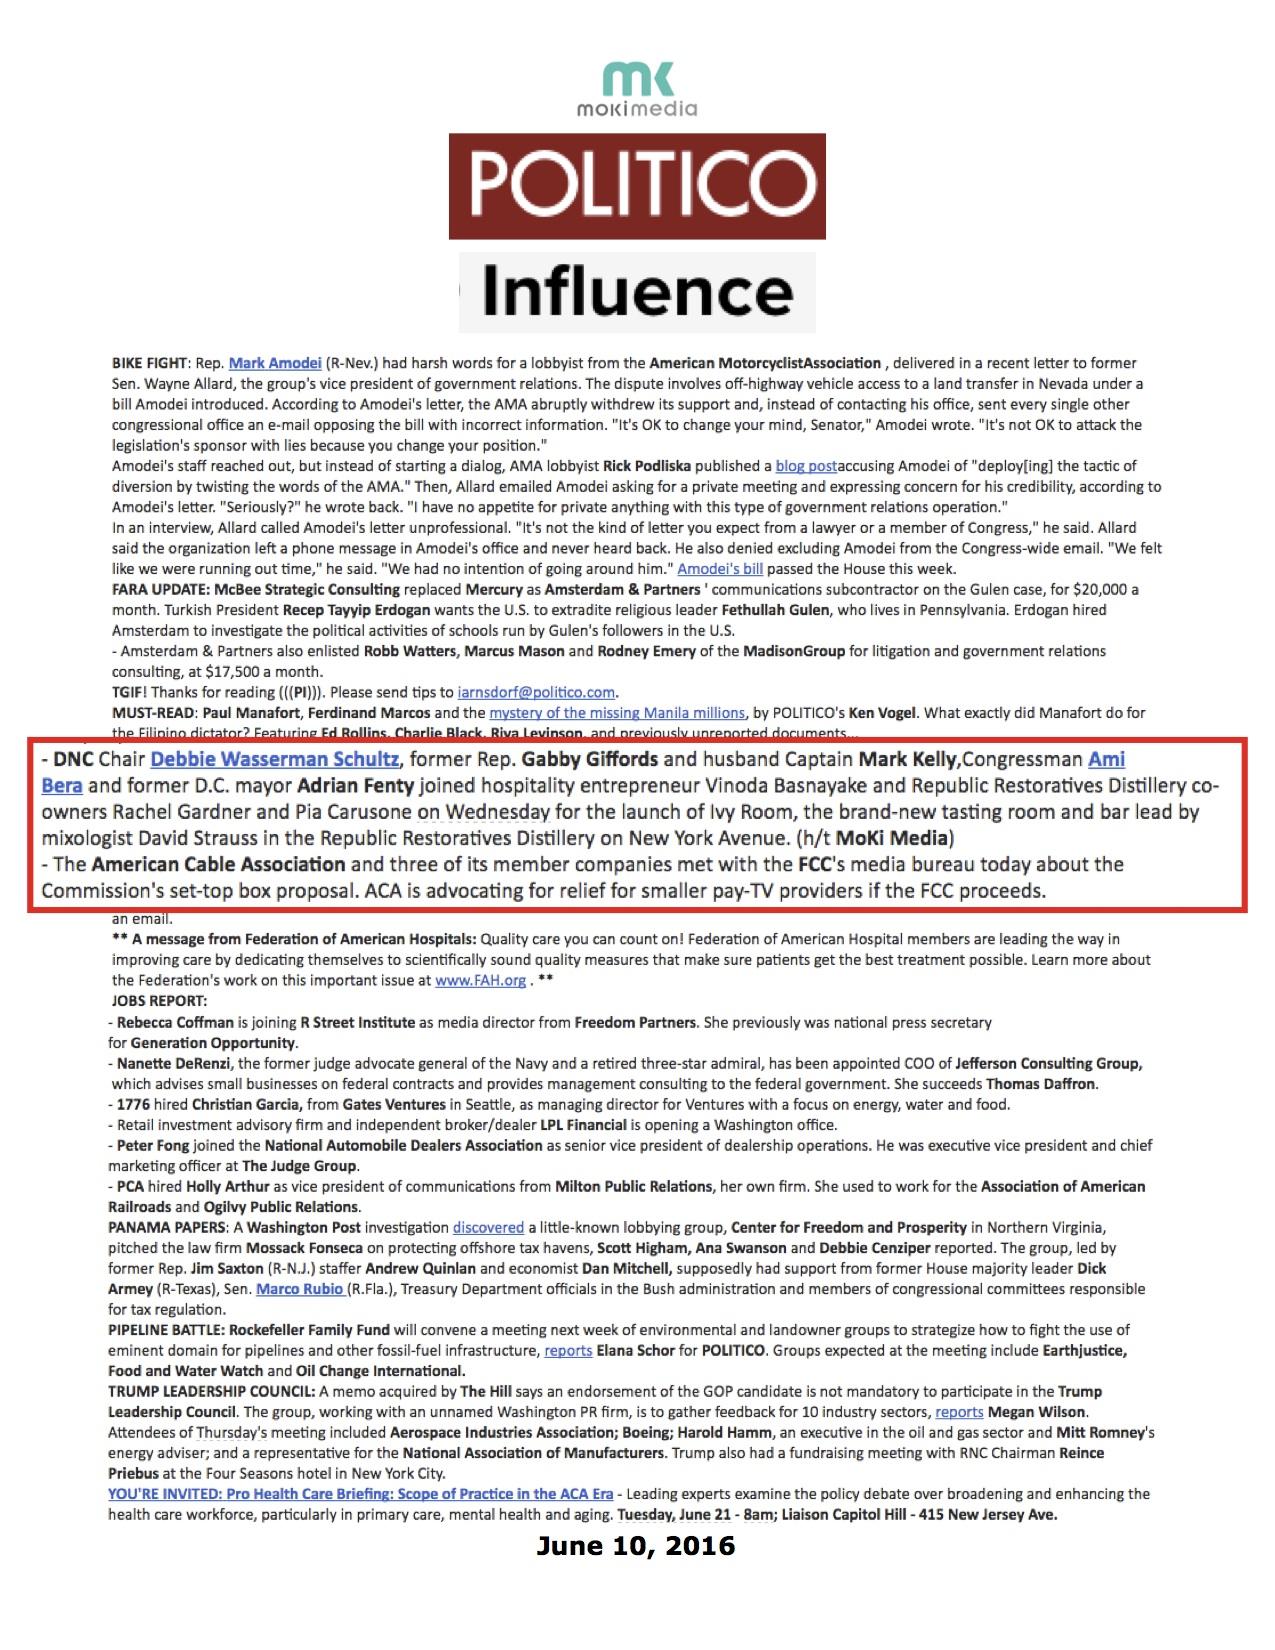 6-10-2016 Politico.com press clip.jpg